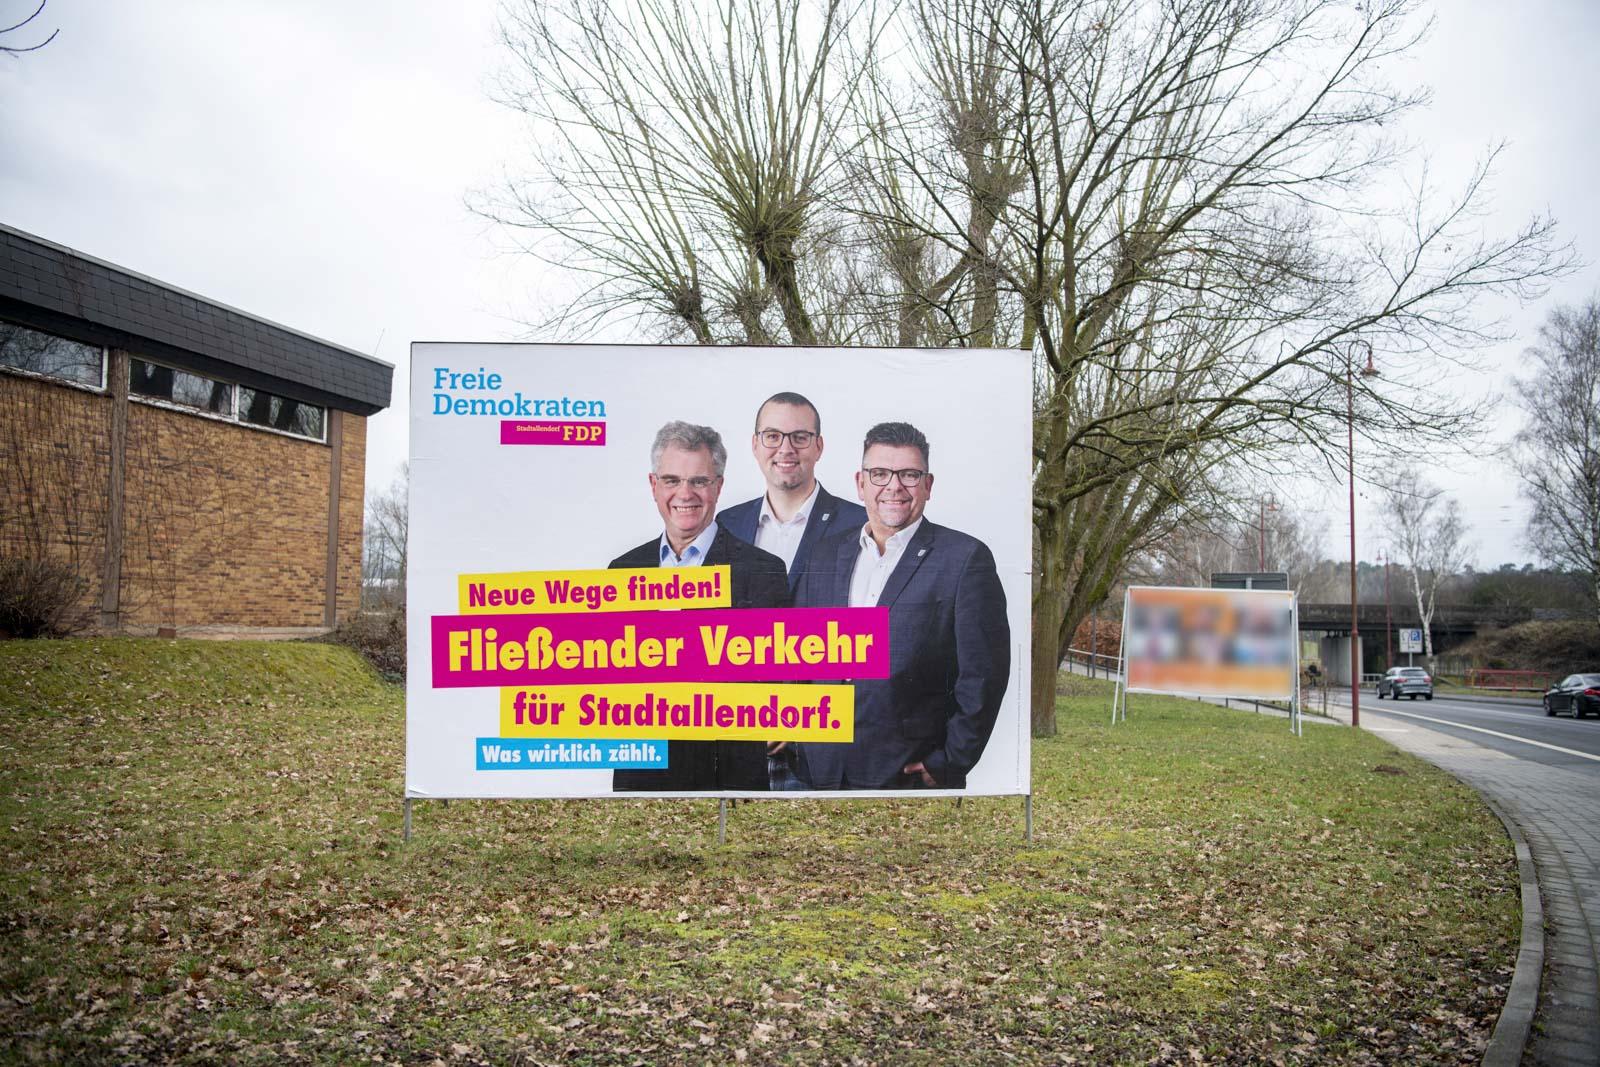 FDP Stadtallendorf thomas seinsoth dominik runge